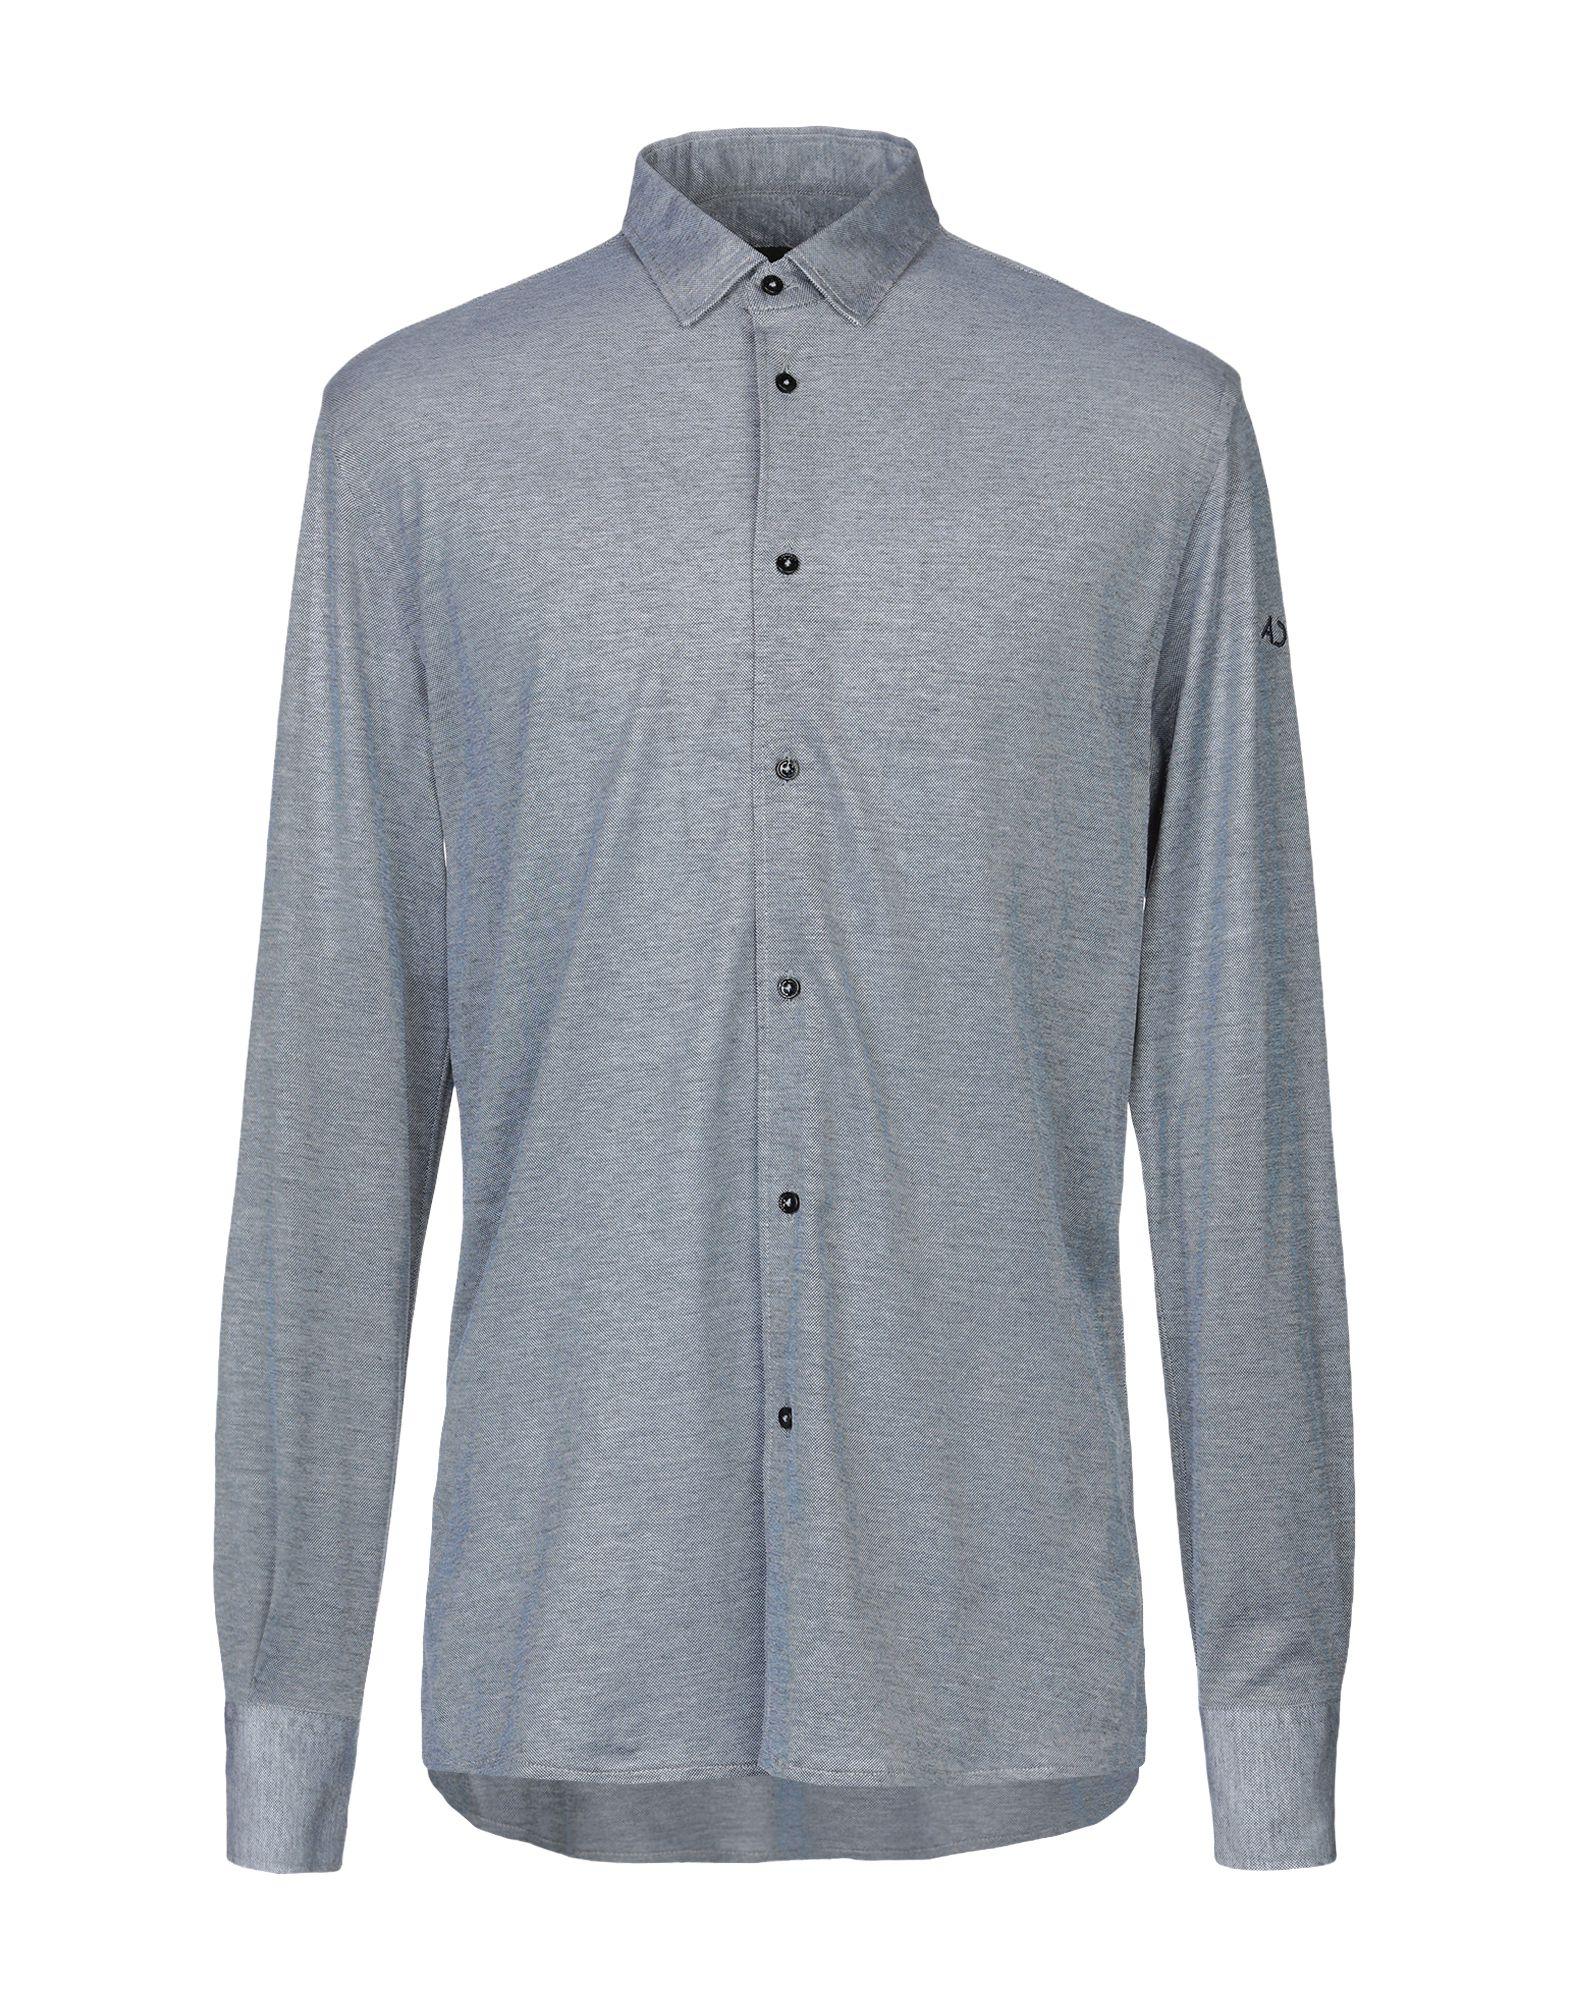 《送料無料》ALESSANDRO DELL'ACQUA メンズ シャツ ブルー XL コットン 100%